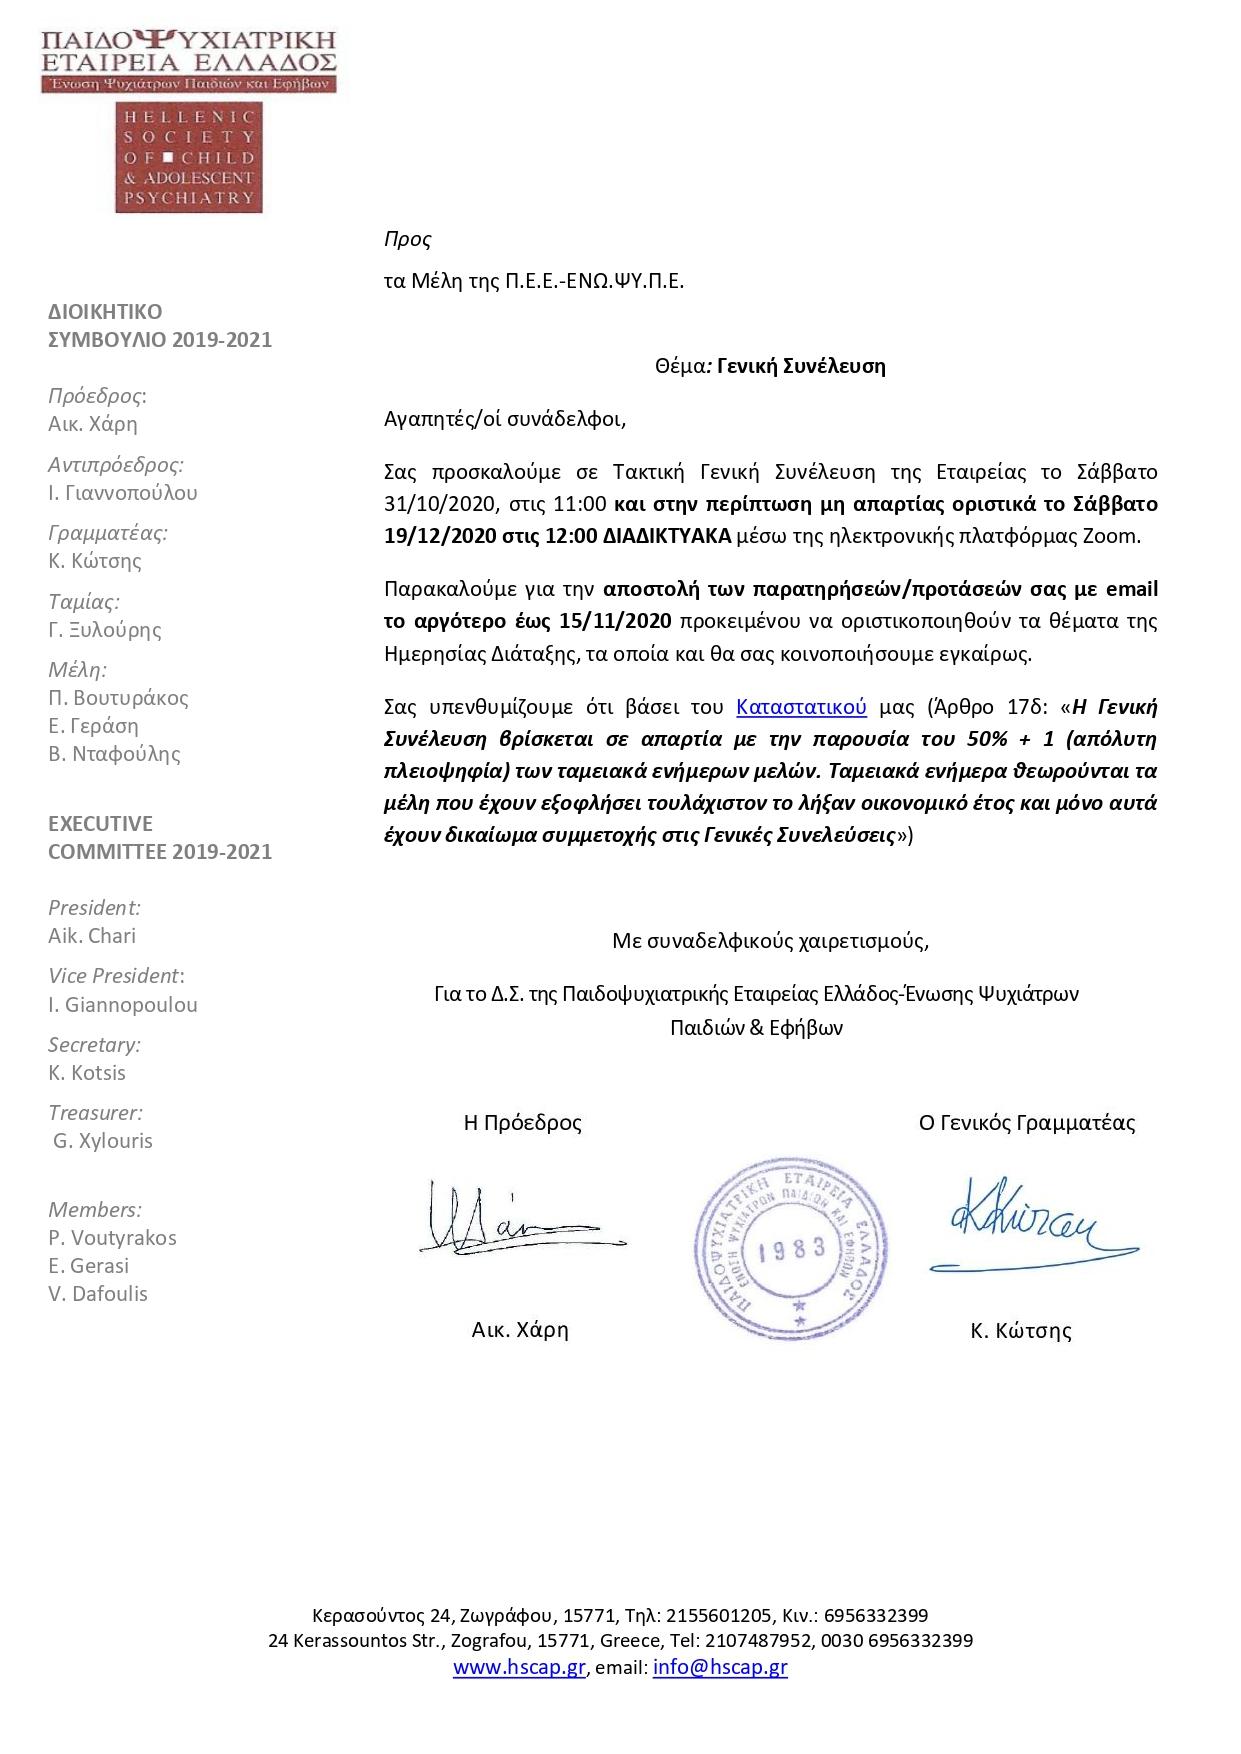 Επιστολή - Ενημέρωση προς Μέλη ΠΕΕ ΕνωΨυ